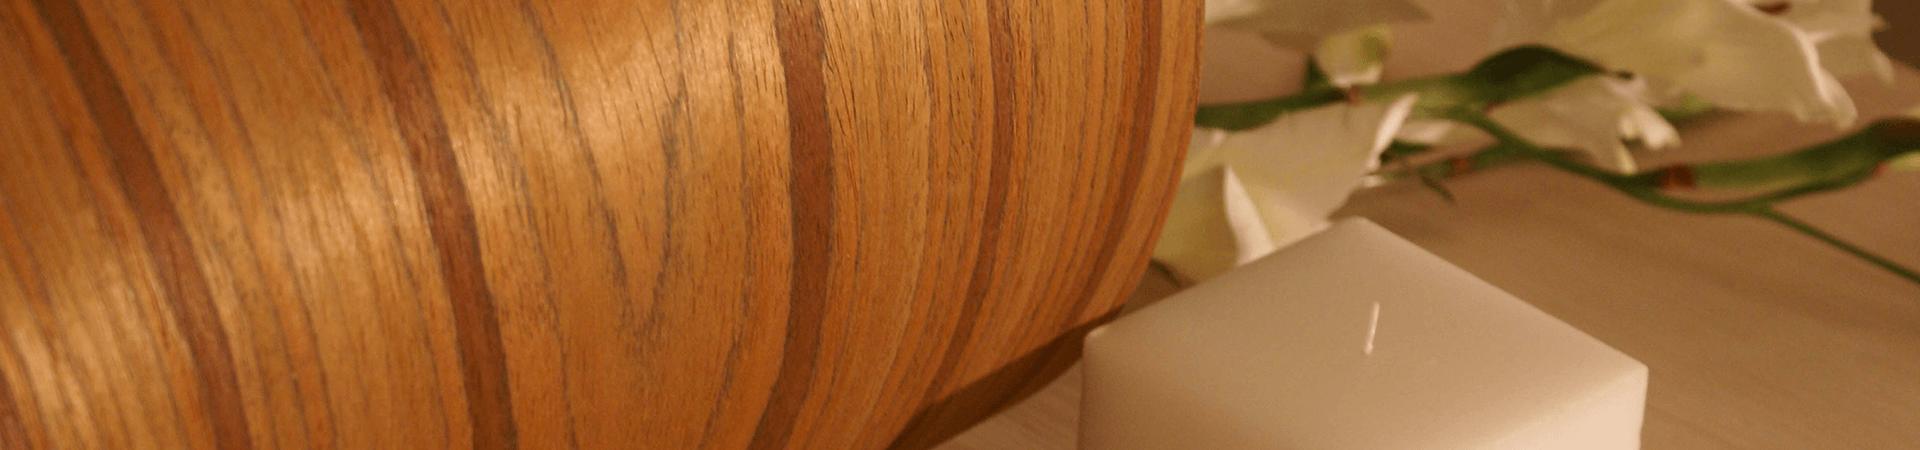 Шпон из лучших пород дерева